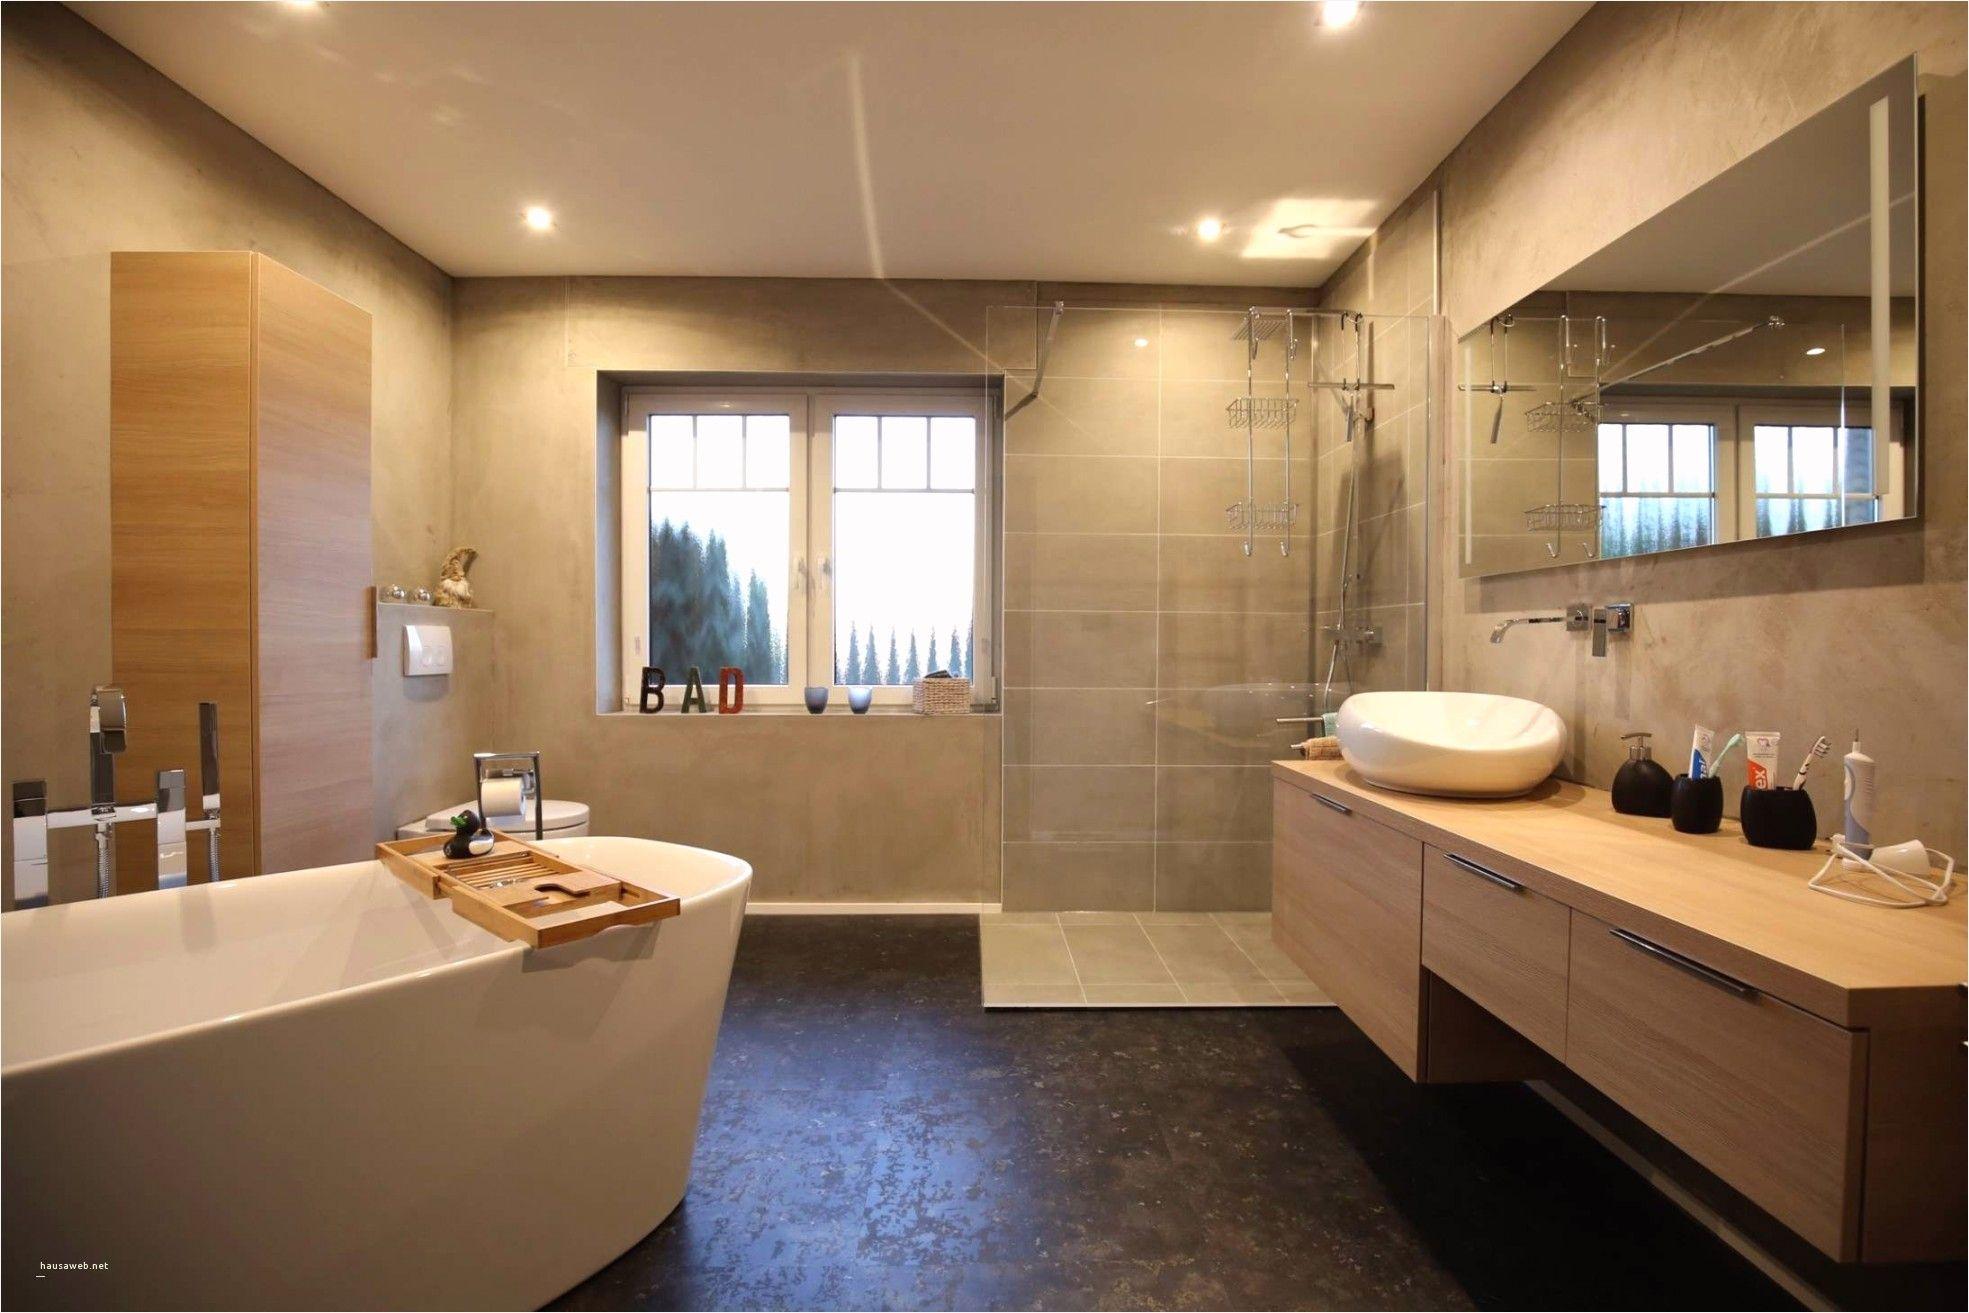 Badezimmer Decke Einzigartig Decke Badezimmer Neu Badezimmer Decke Luxus Badezimmer Bodenbelag Small Bathroom Bathroom Interior Small Bathroom Storage